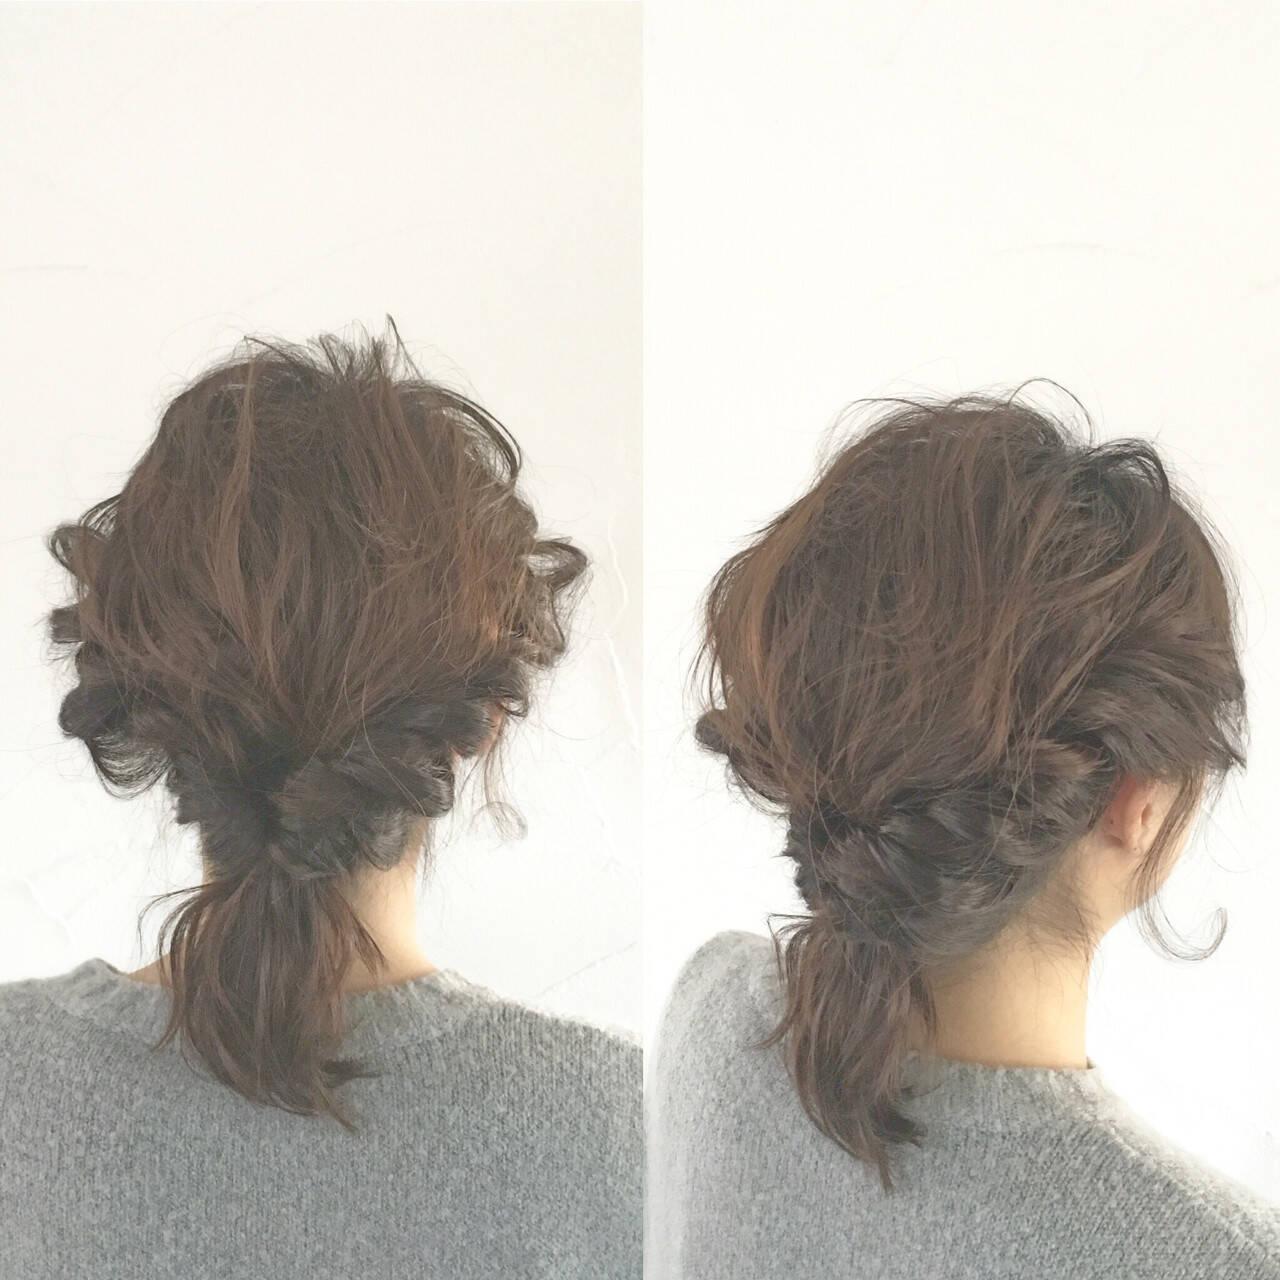 パーティ モテ髪 簡単ヘアアレンジ 波ウェーブヘアスタイルや髪型の写真・画像